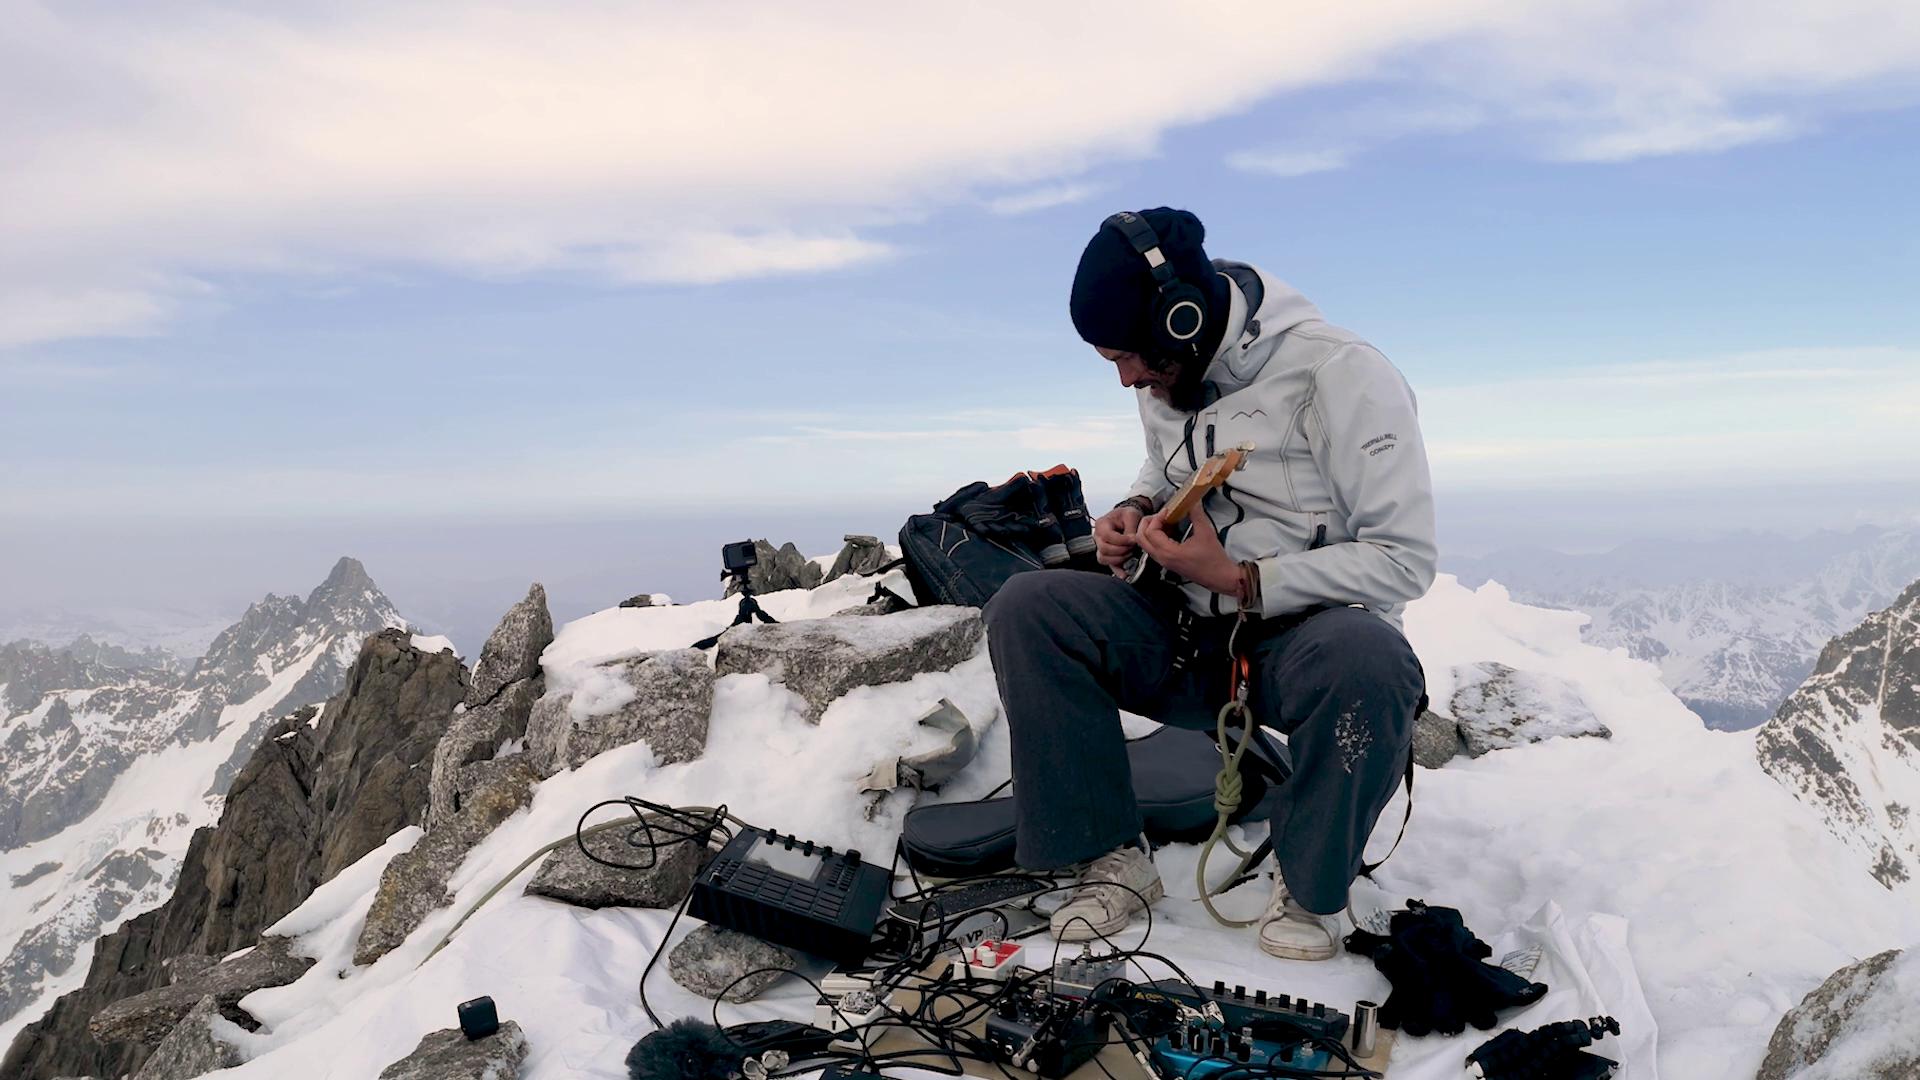 Kwoon en solo sur l'aiguille du Triolet (massif du Mont Blanc).